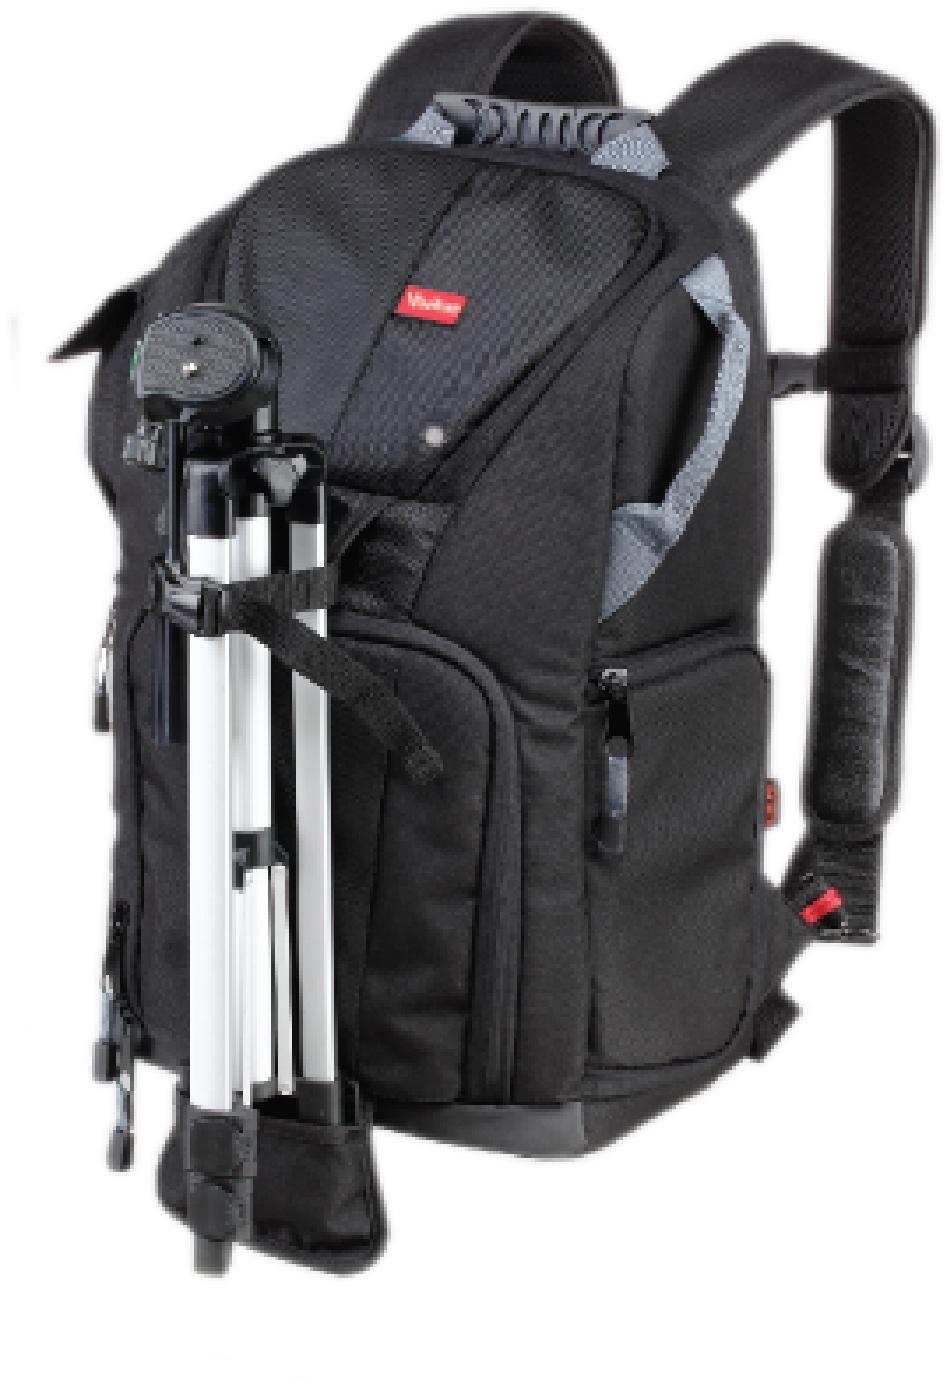 Vivitar DKS-18 Photo/SLR/Laptop Sling Backpack Small (18 x 11.5 x 8)